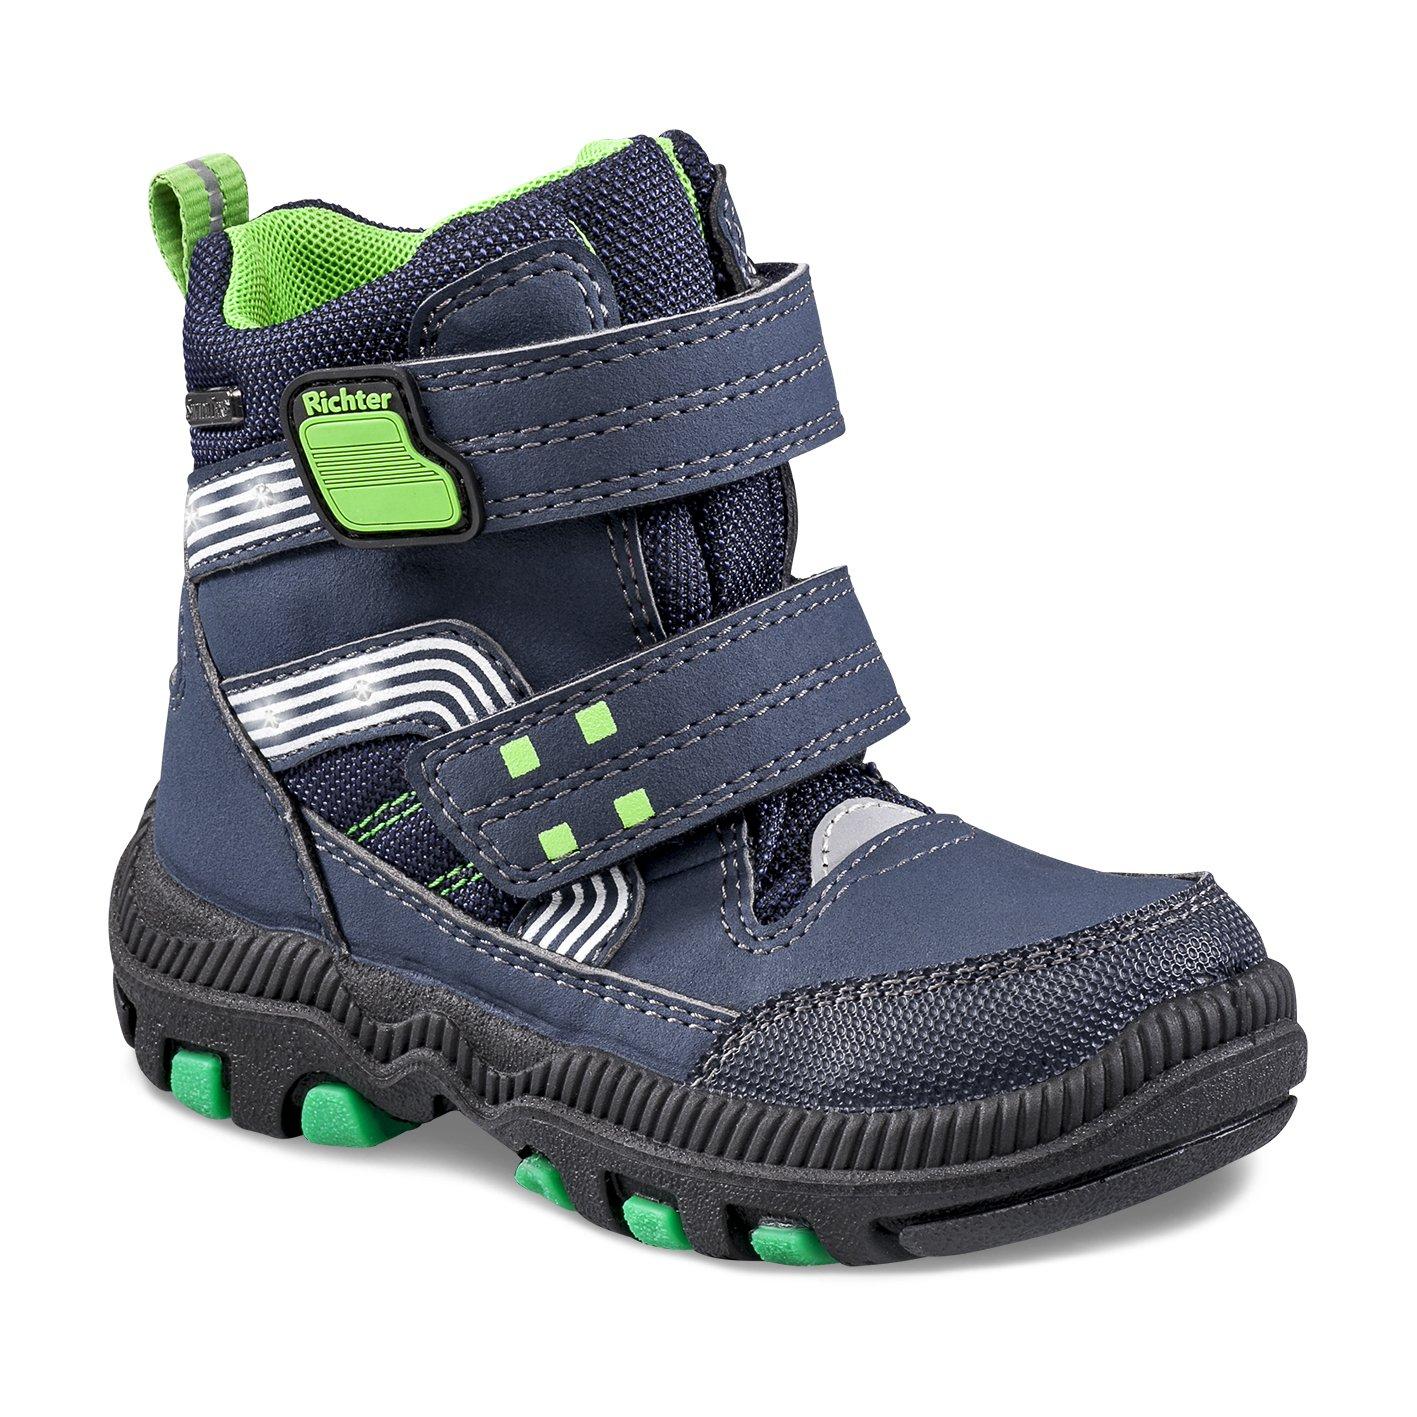 Richter Chaussures basses gar/çon